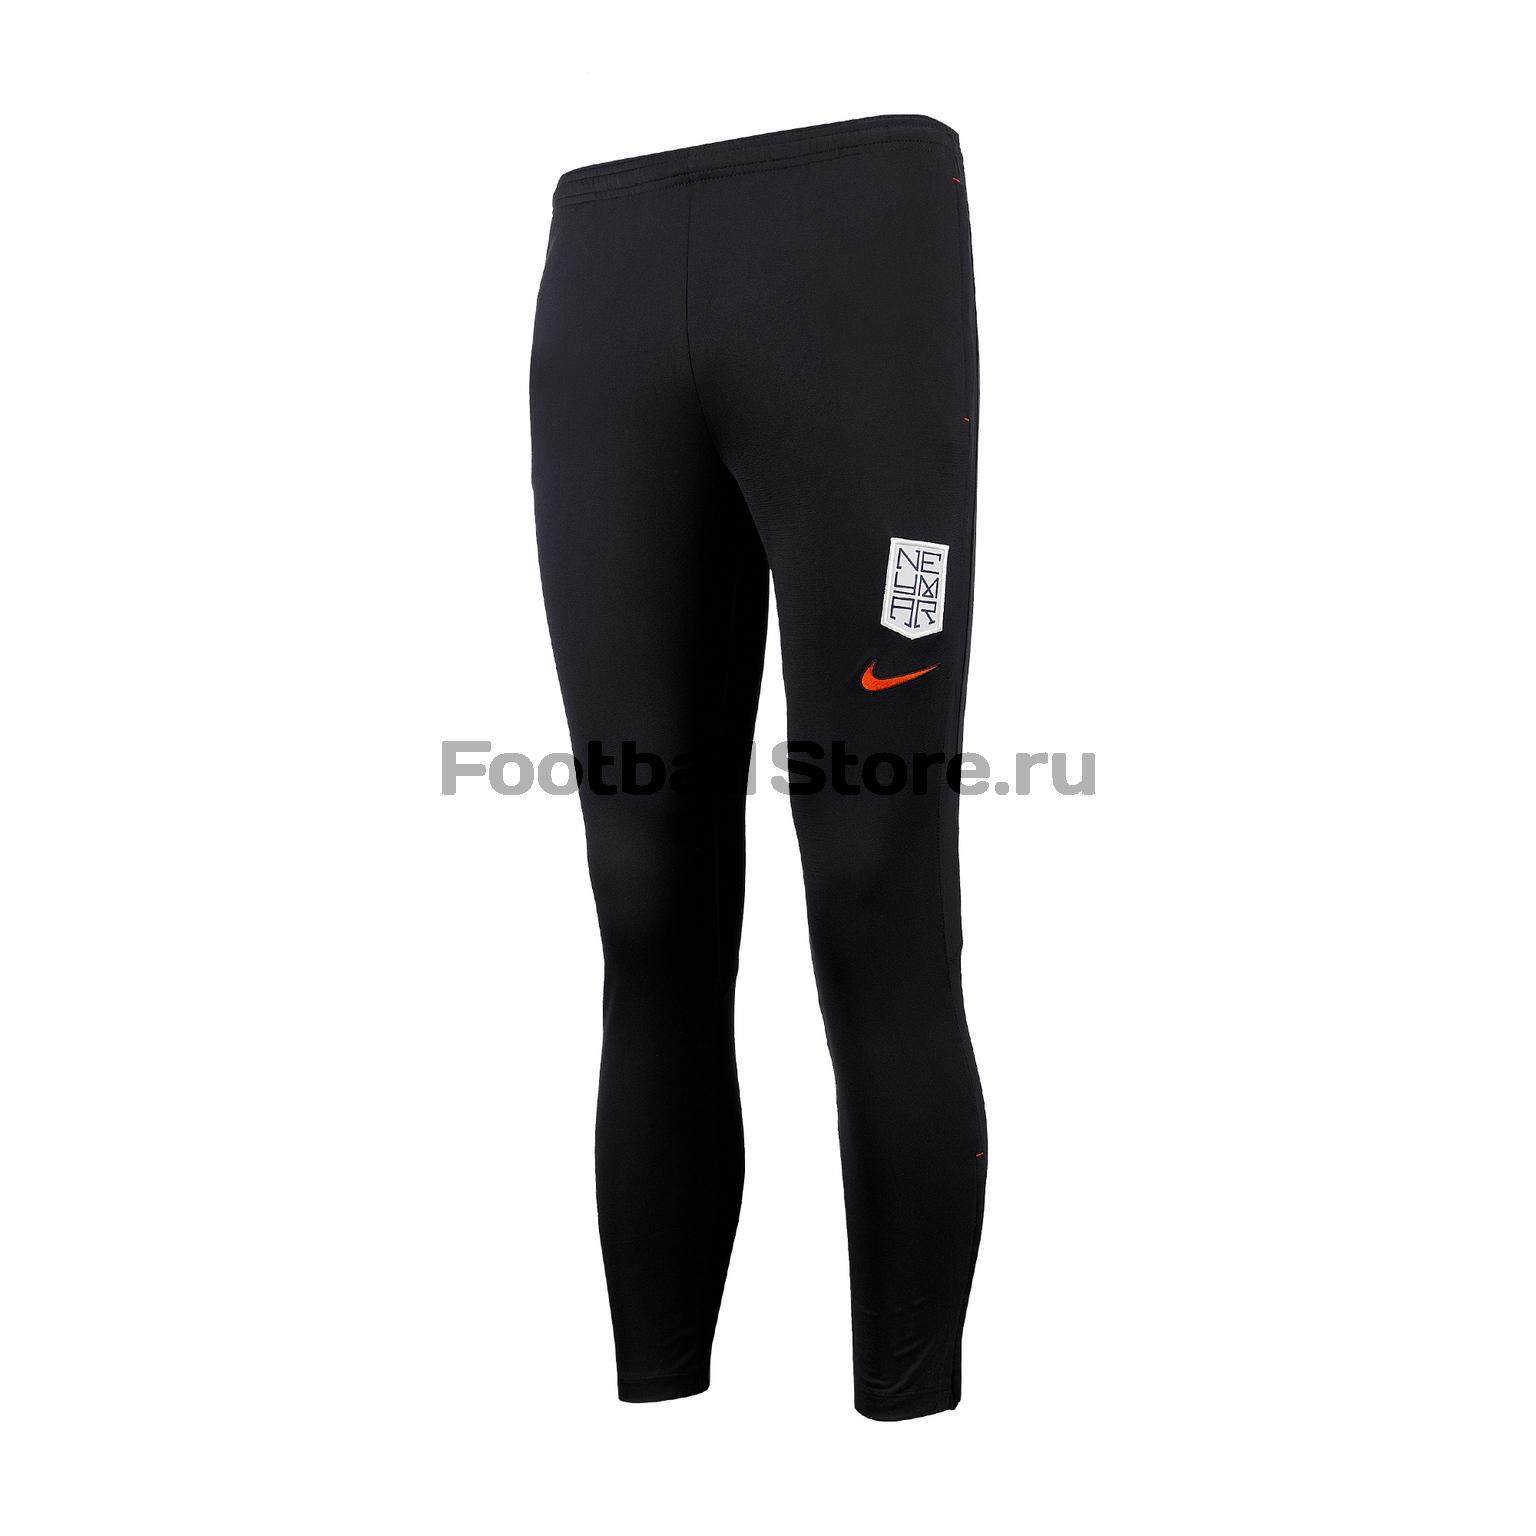 Брюки подростковые Nike Neymar Dry Pant AO0747-010